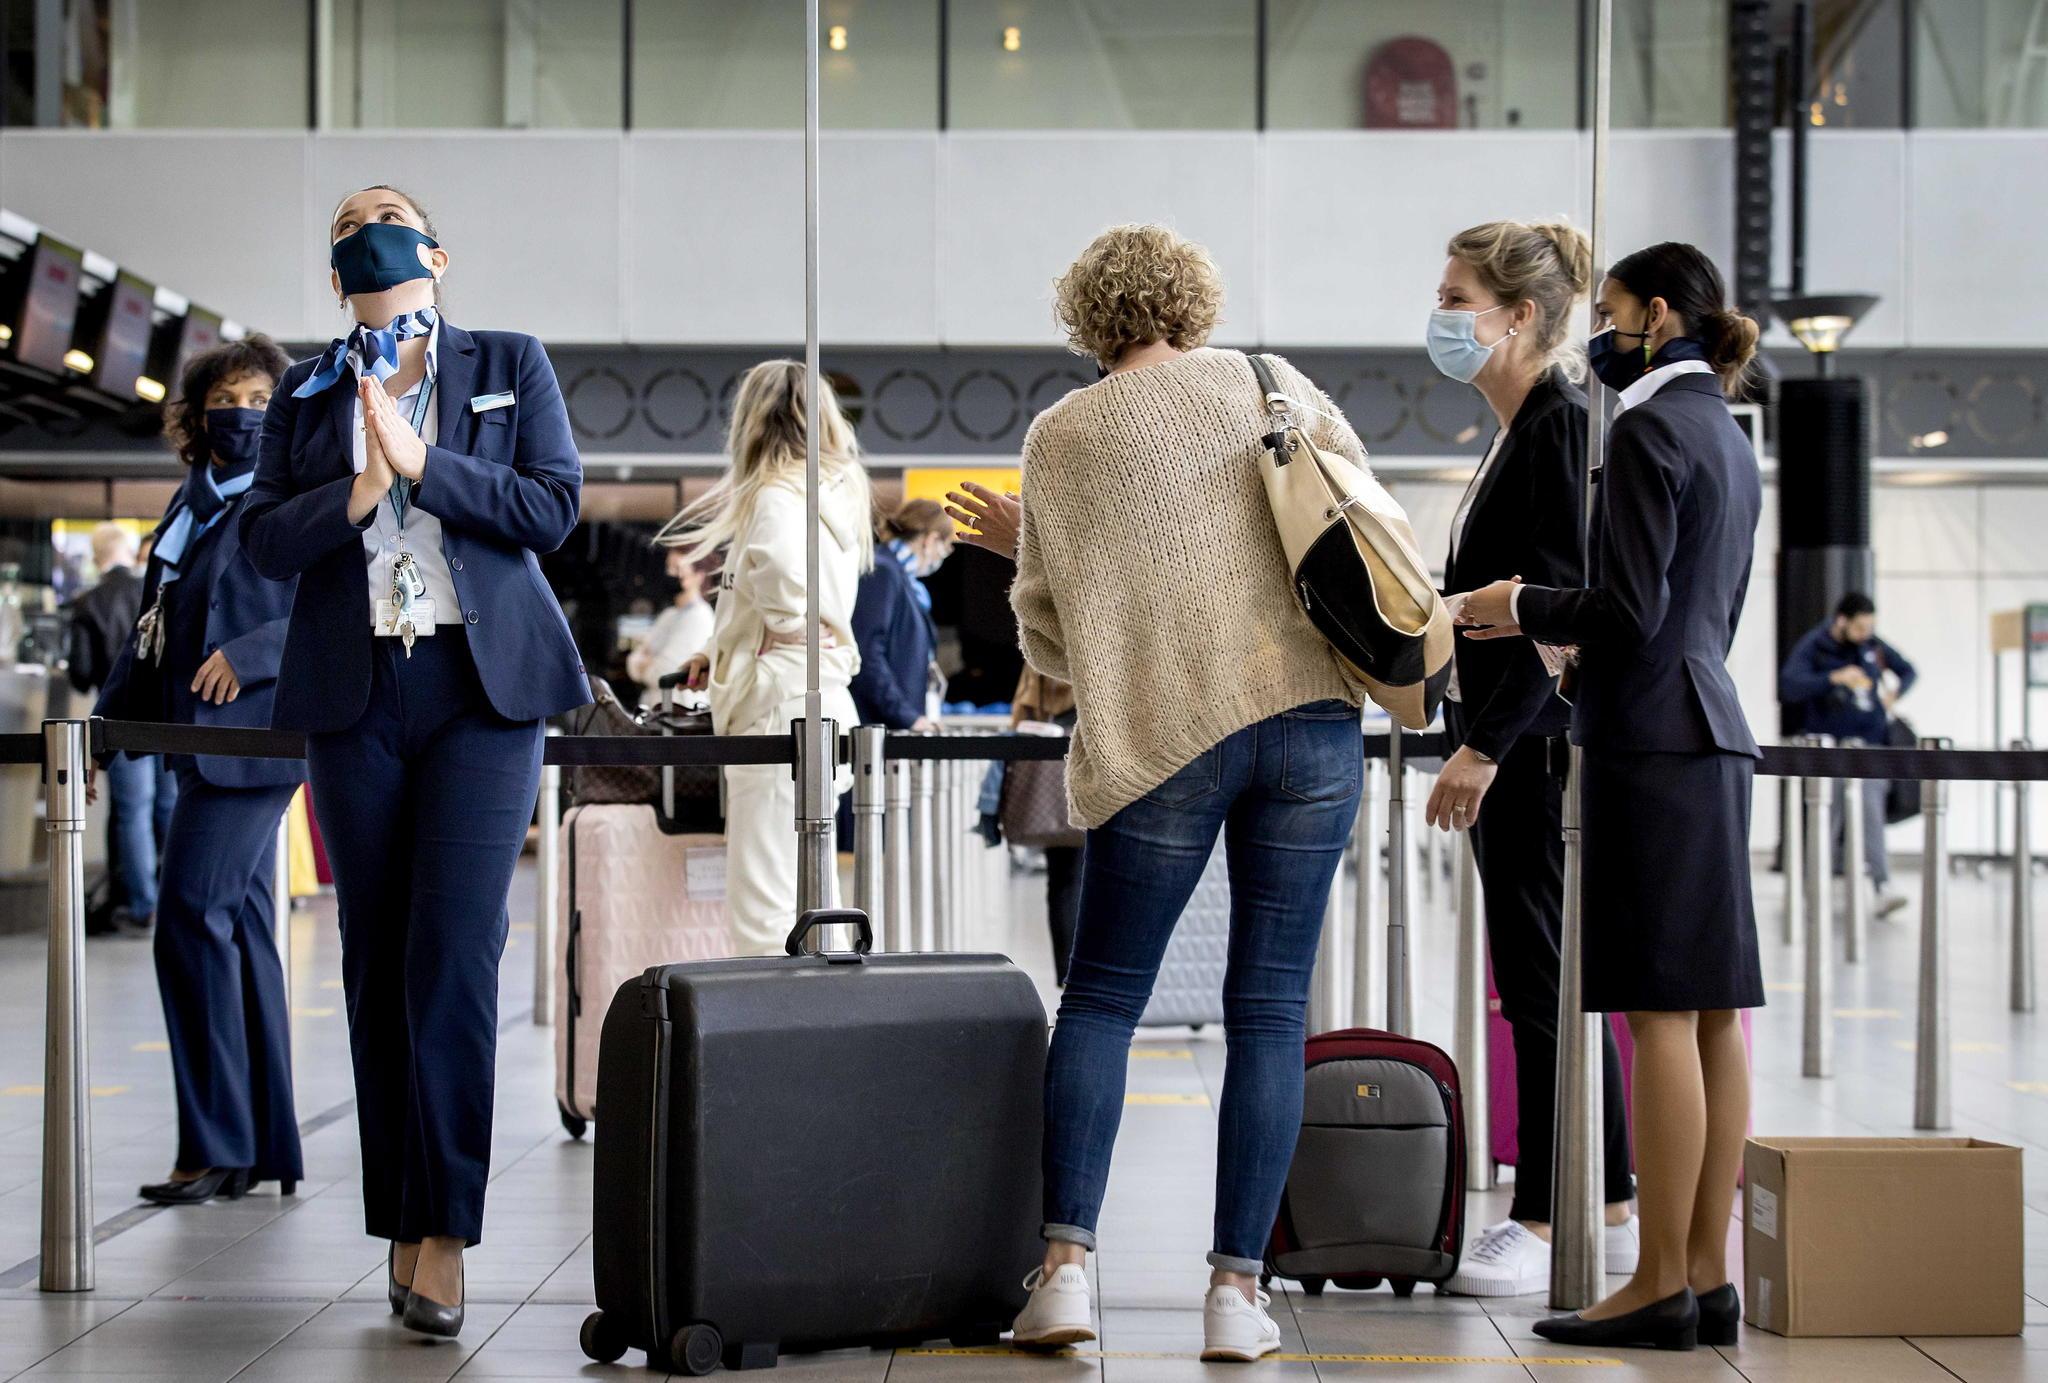 Llegada de viajeros internacionales a un aeropuerto español.